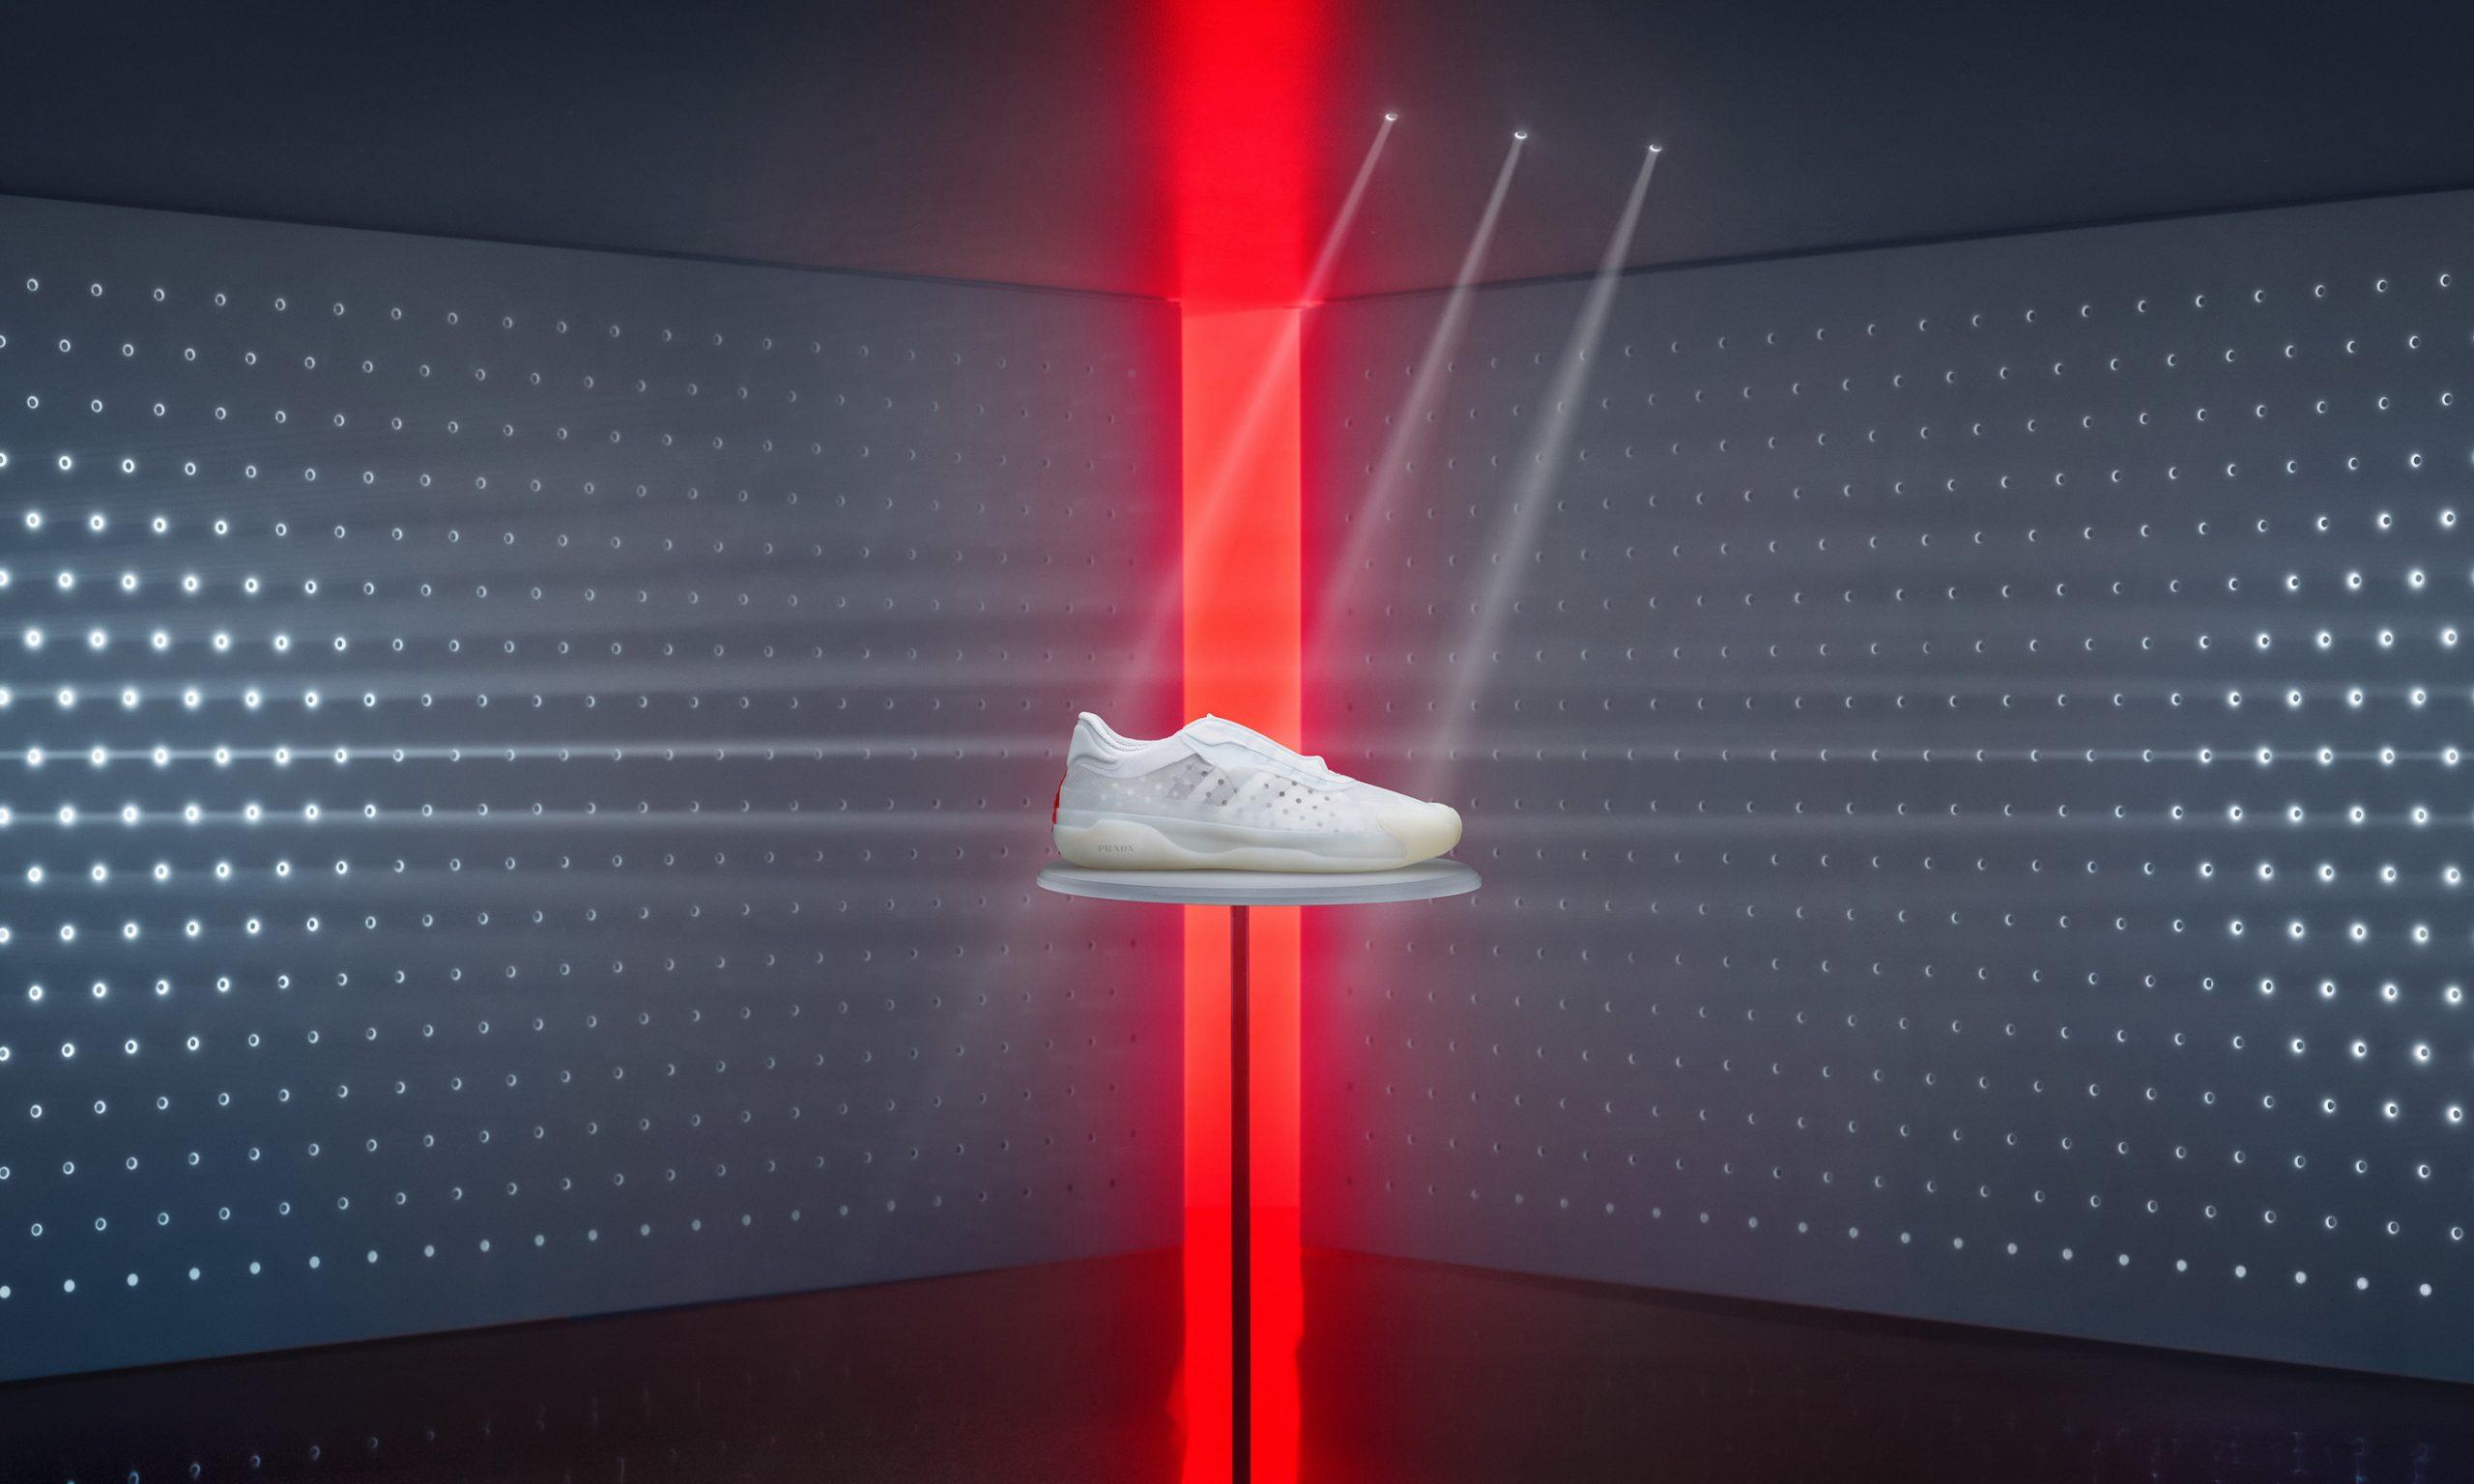 PRADA x adidas A+P LUNA ROSSA 21 鞋款正式登场